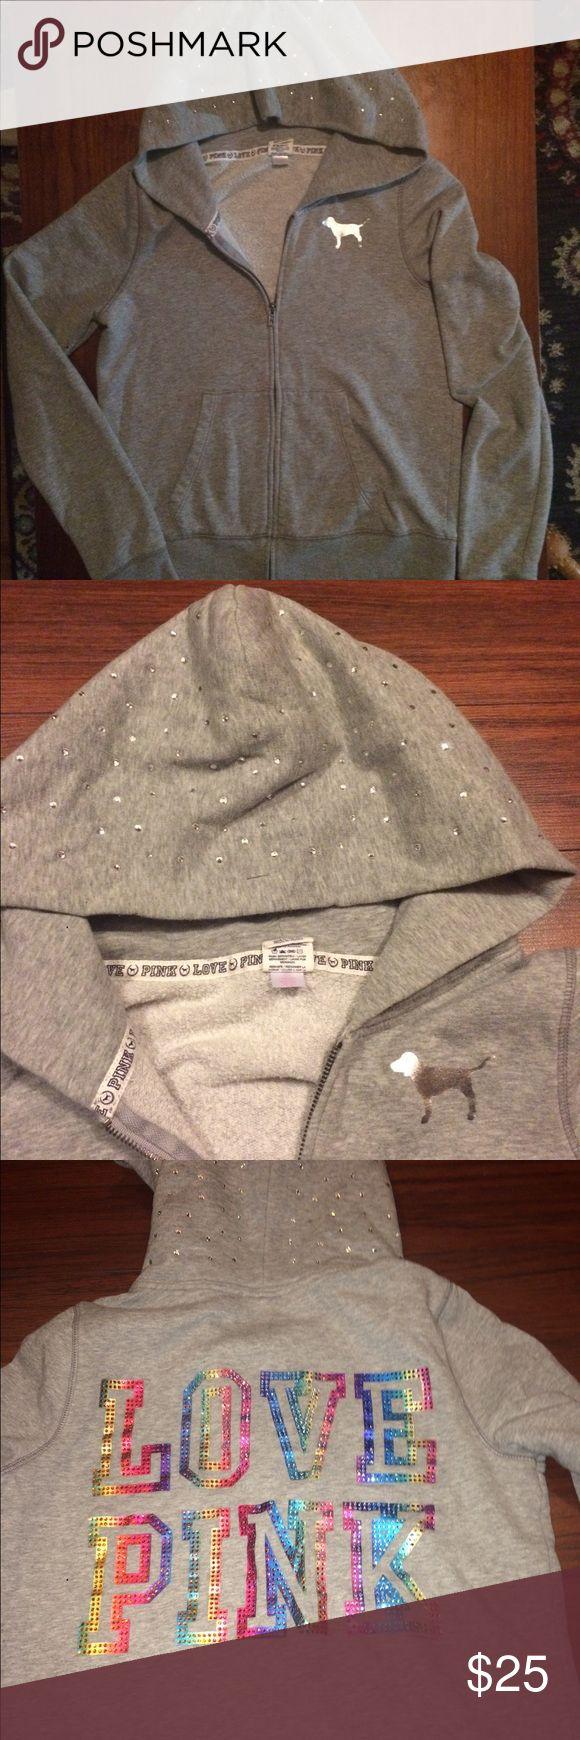 Victoria Secret Pink zip up hoodie ❤️ Victoria Secret Pink zip up hoodie ❤️ missing string PINK Victoria's Secret Tops Sweatshirts & Hoodies